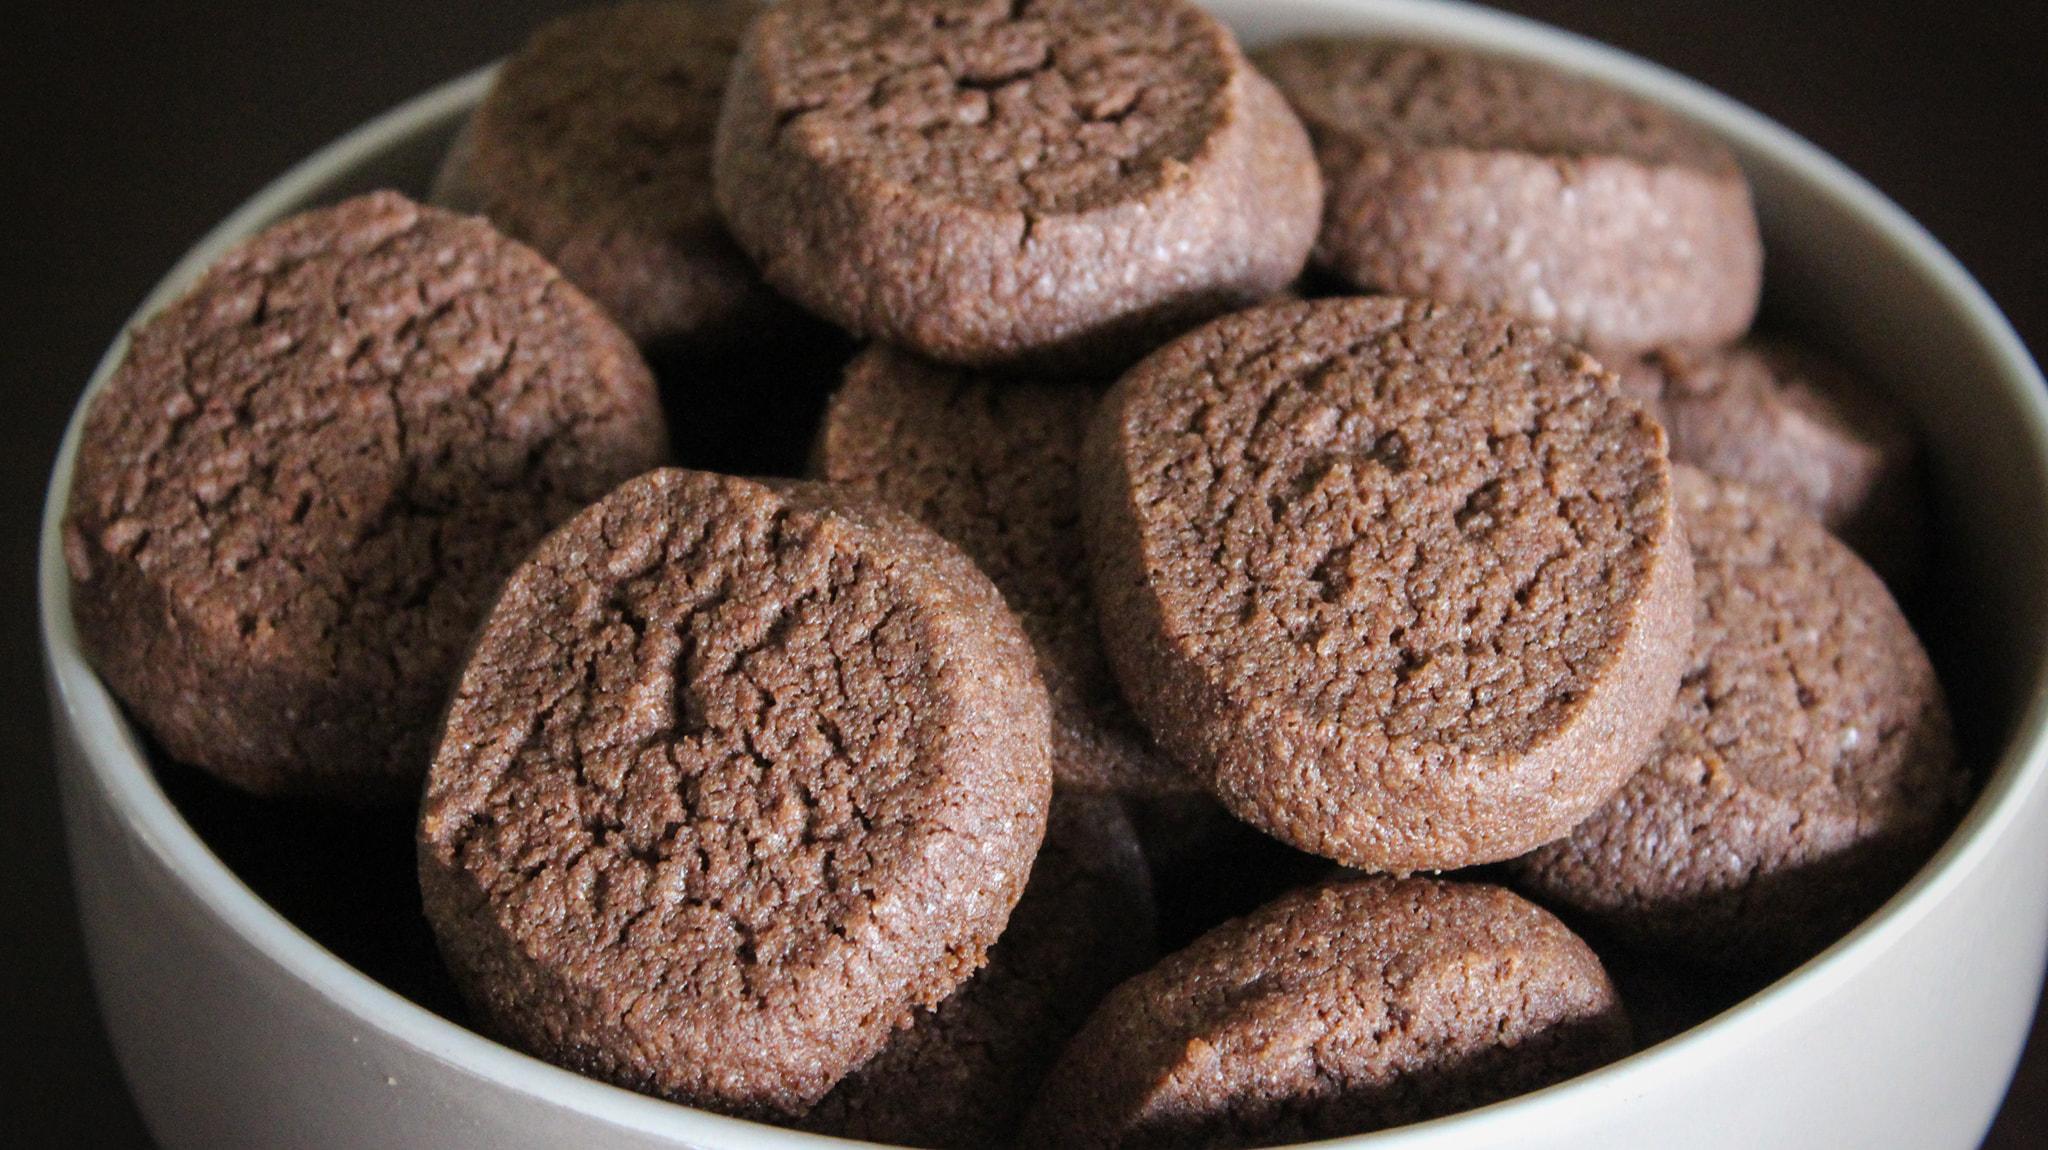 συνταγή για μπισκότα με κακάο 2